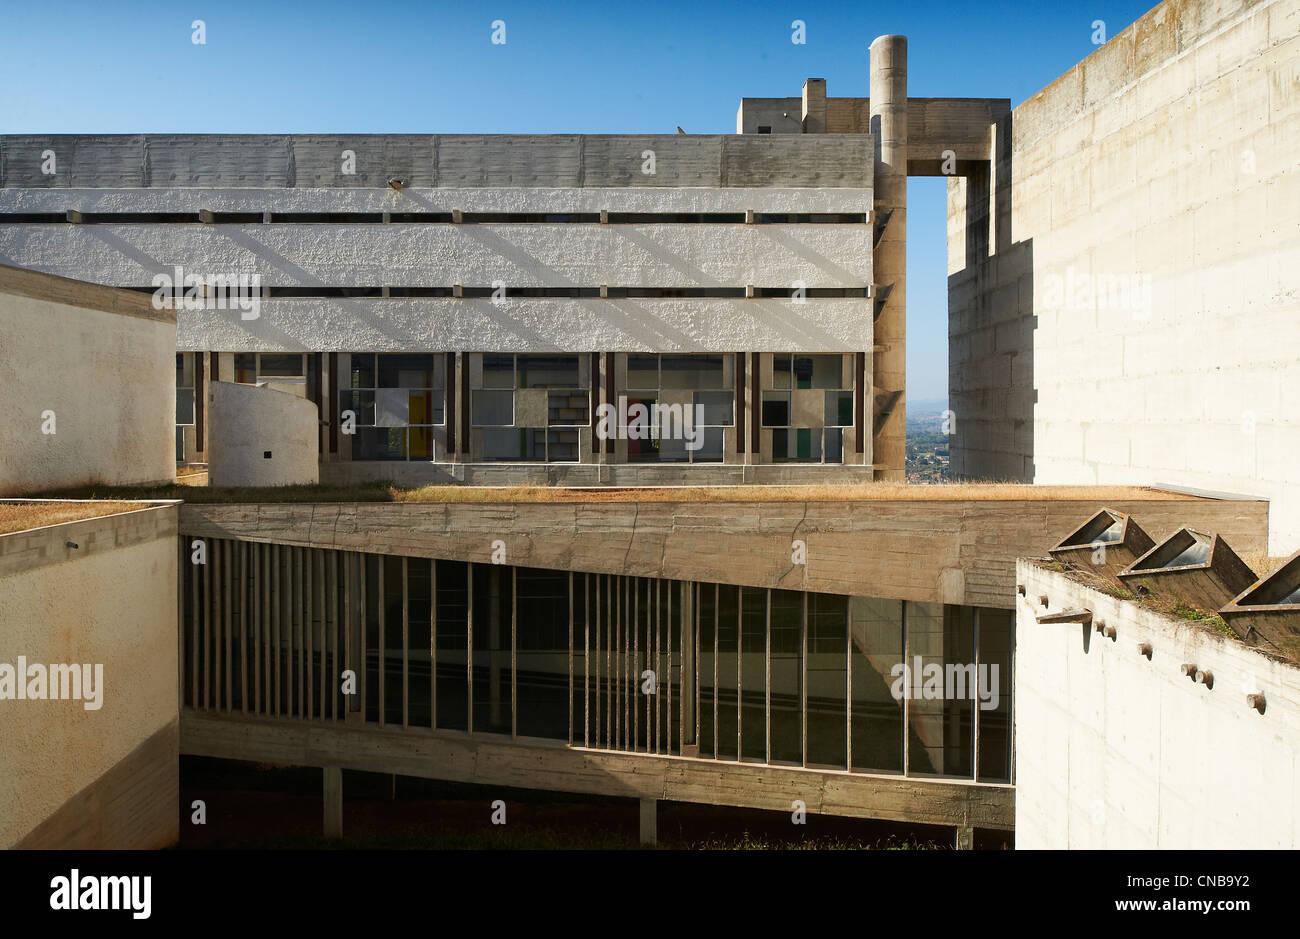 france rhone eveux sur abresle sainte marie de la tourette convent built by le corbusier in